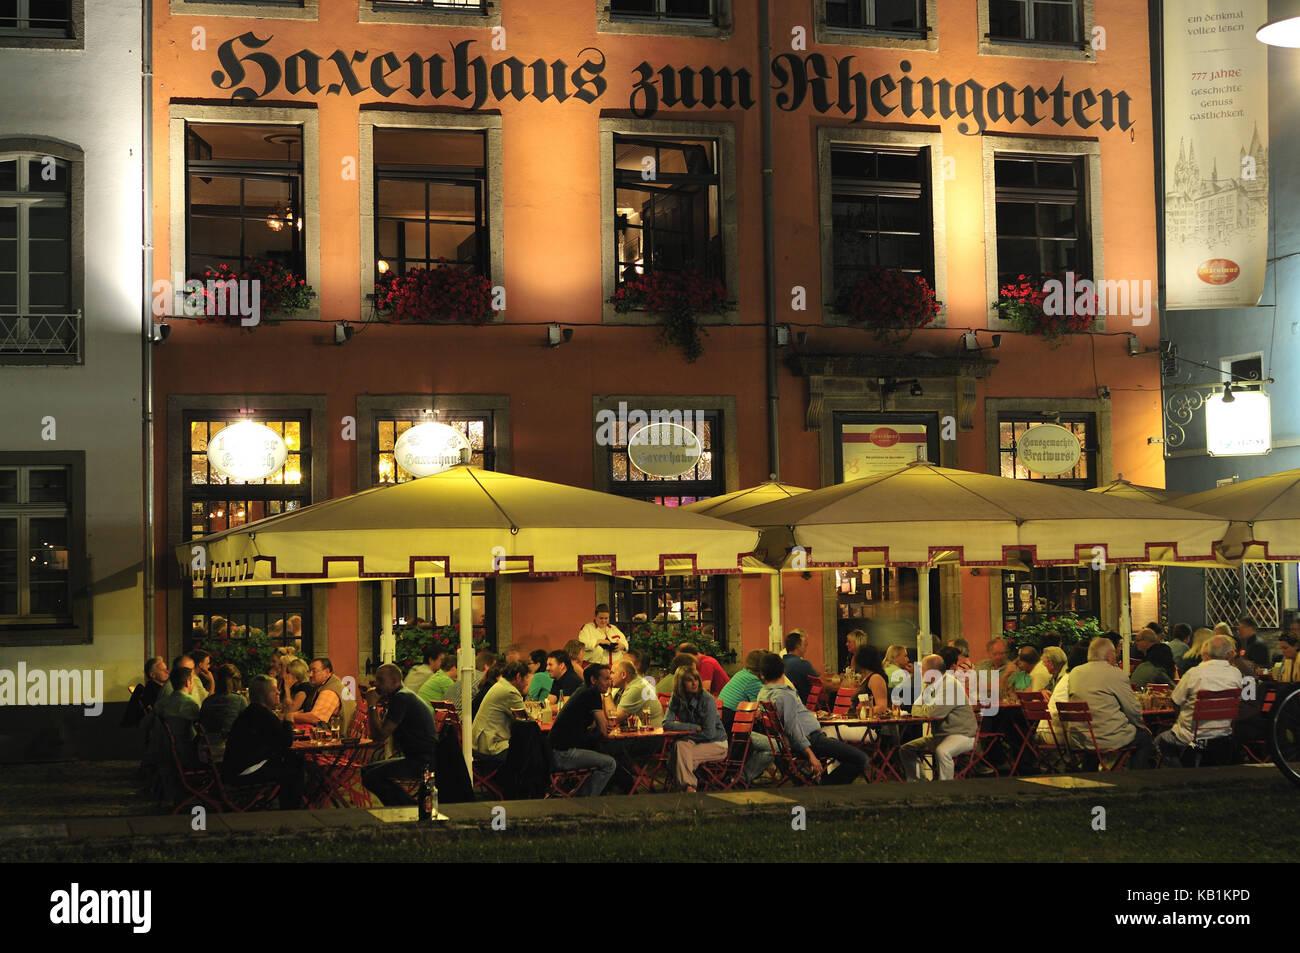 Garden Restaurants Stock Photos & Garden Restaurants Stock Images ...